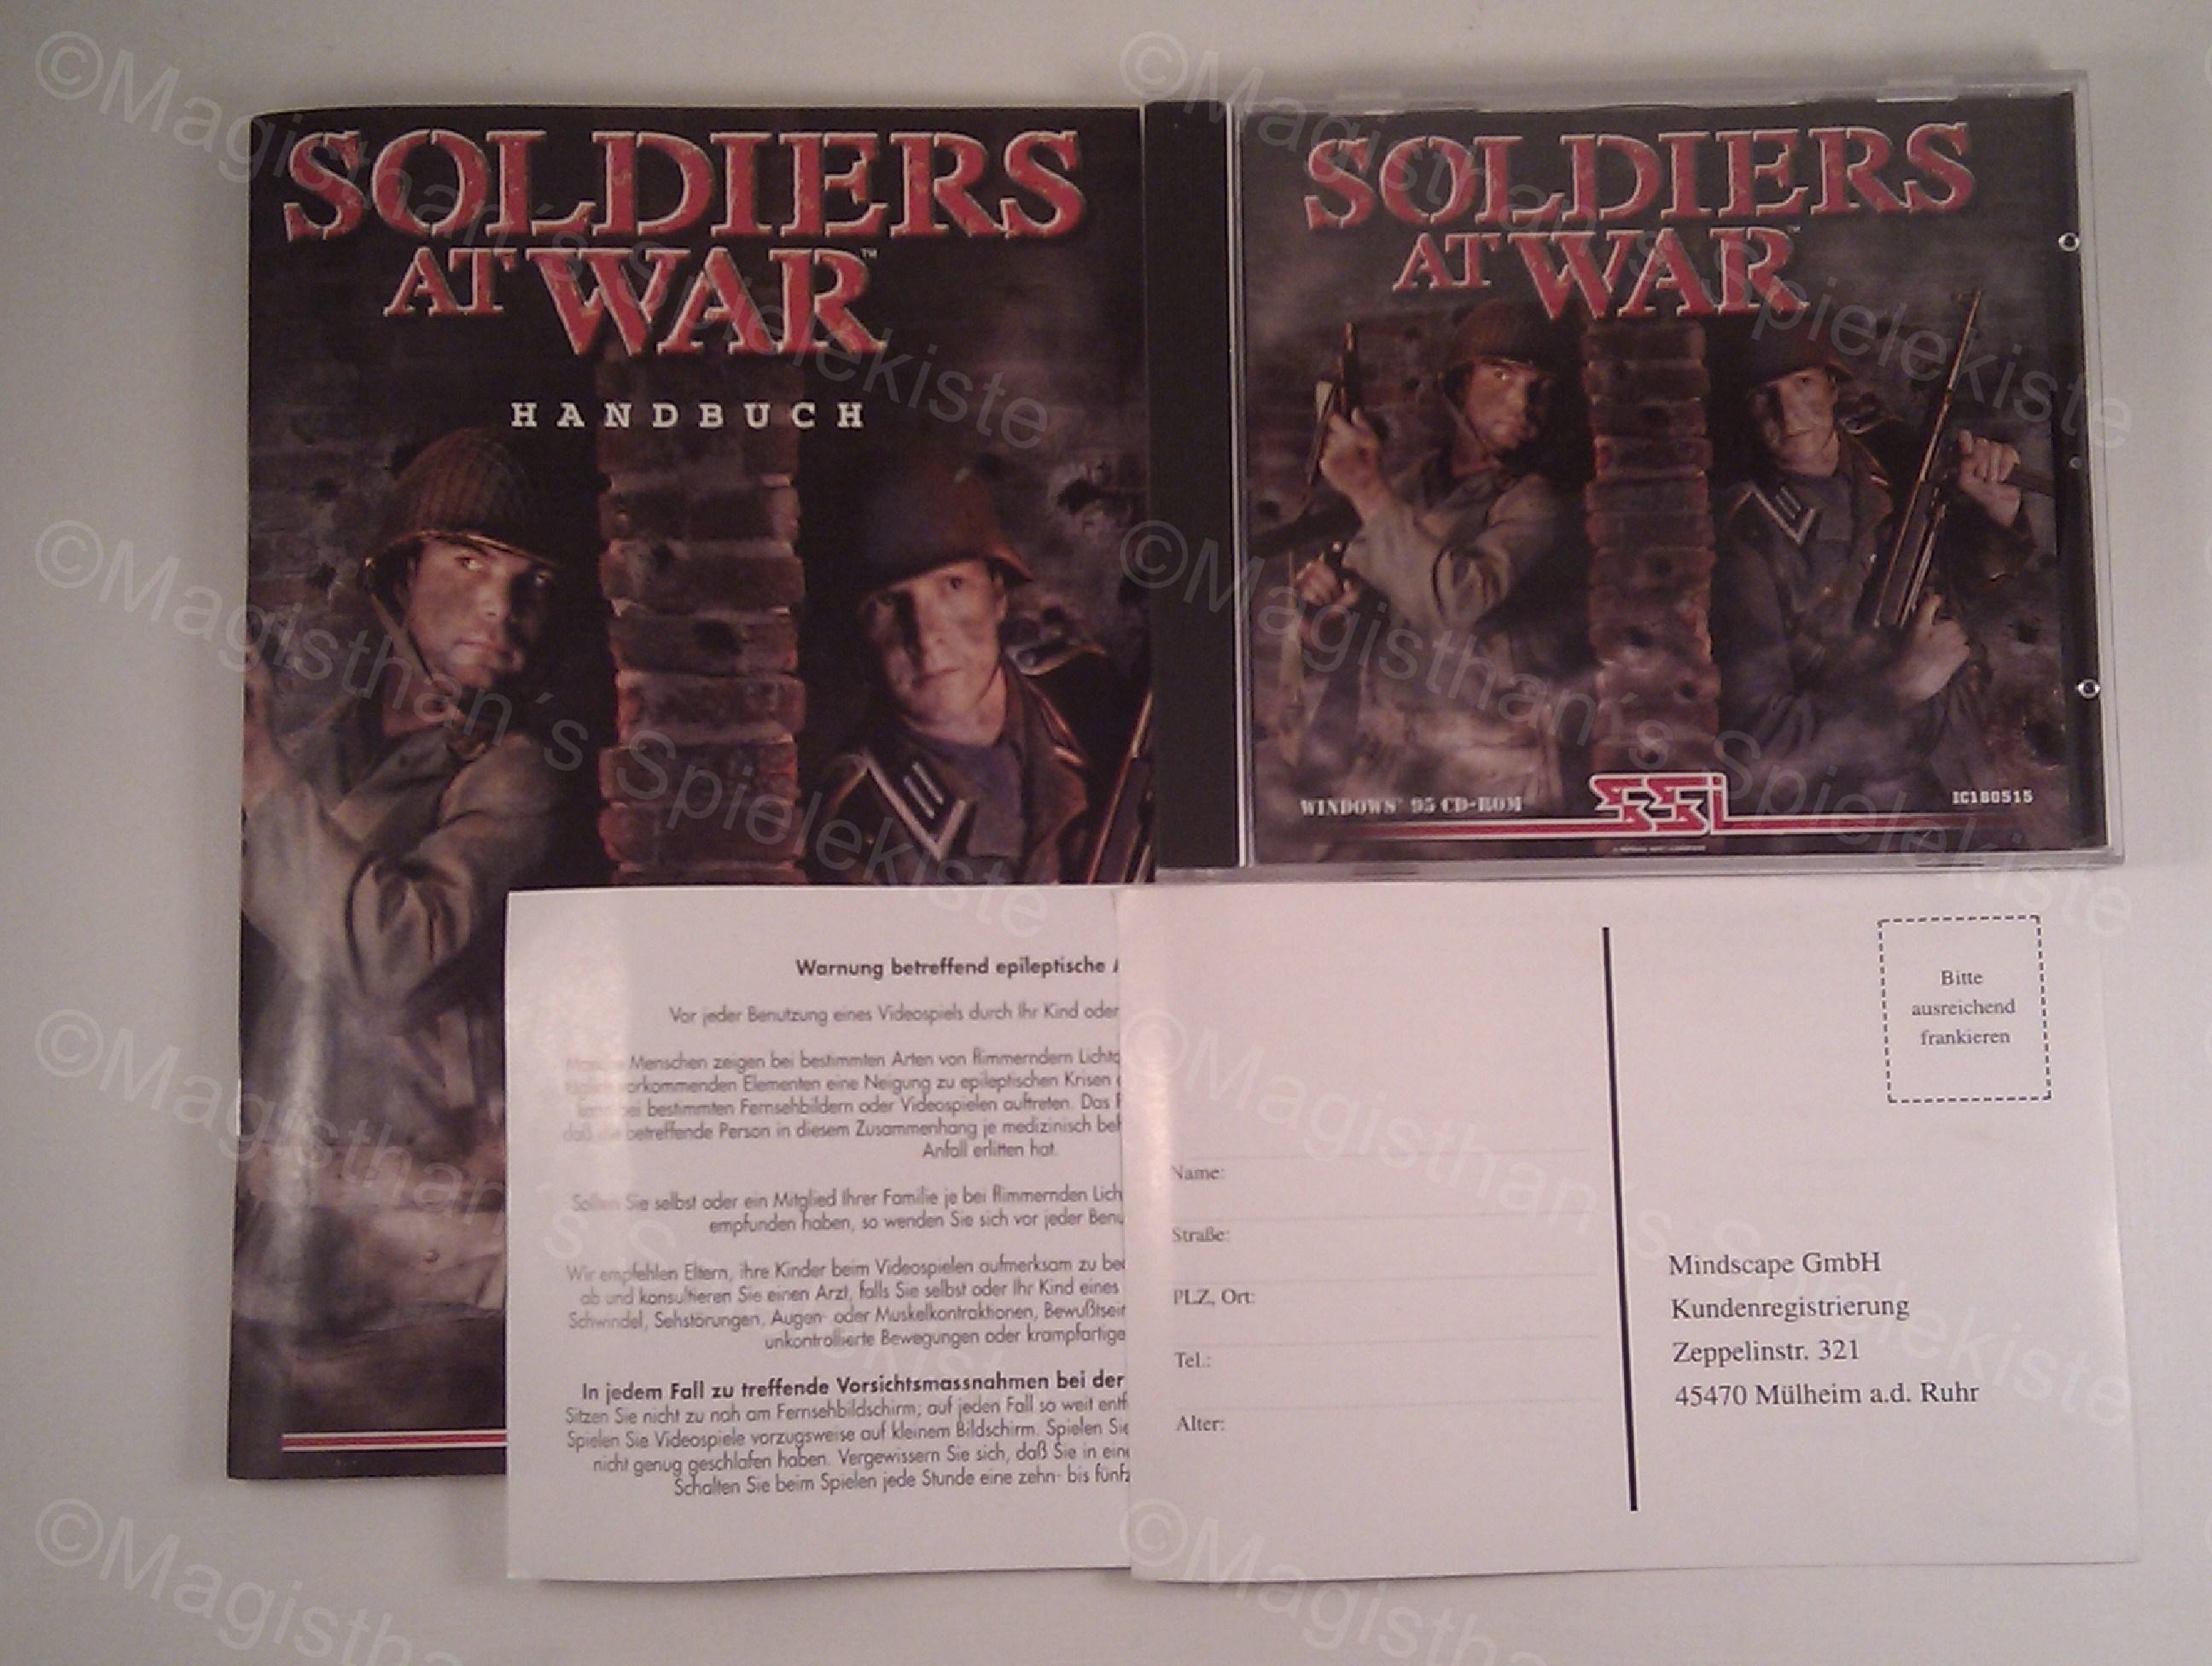 SoldiersatWar2.jpg